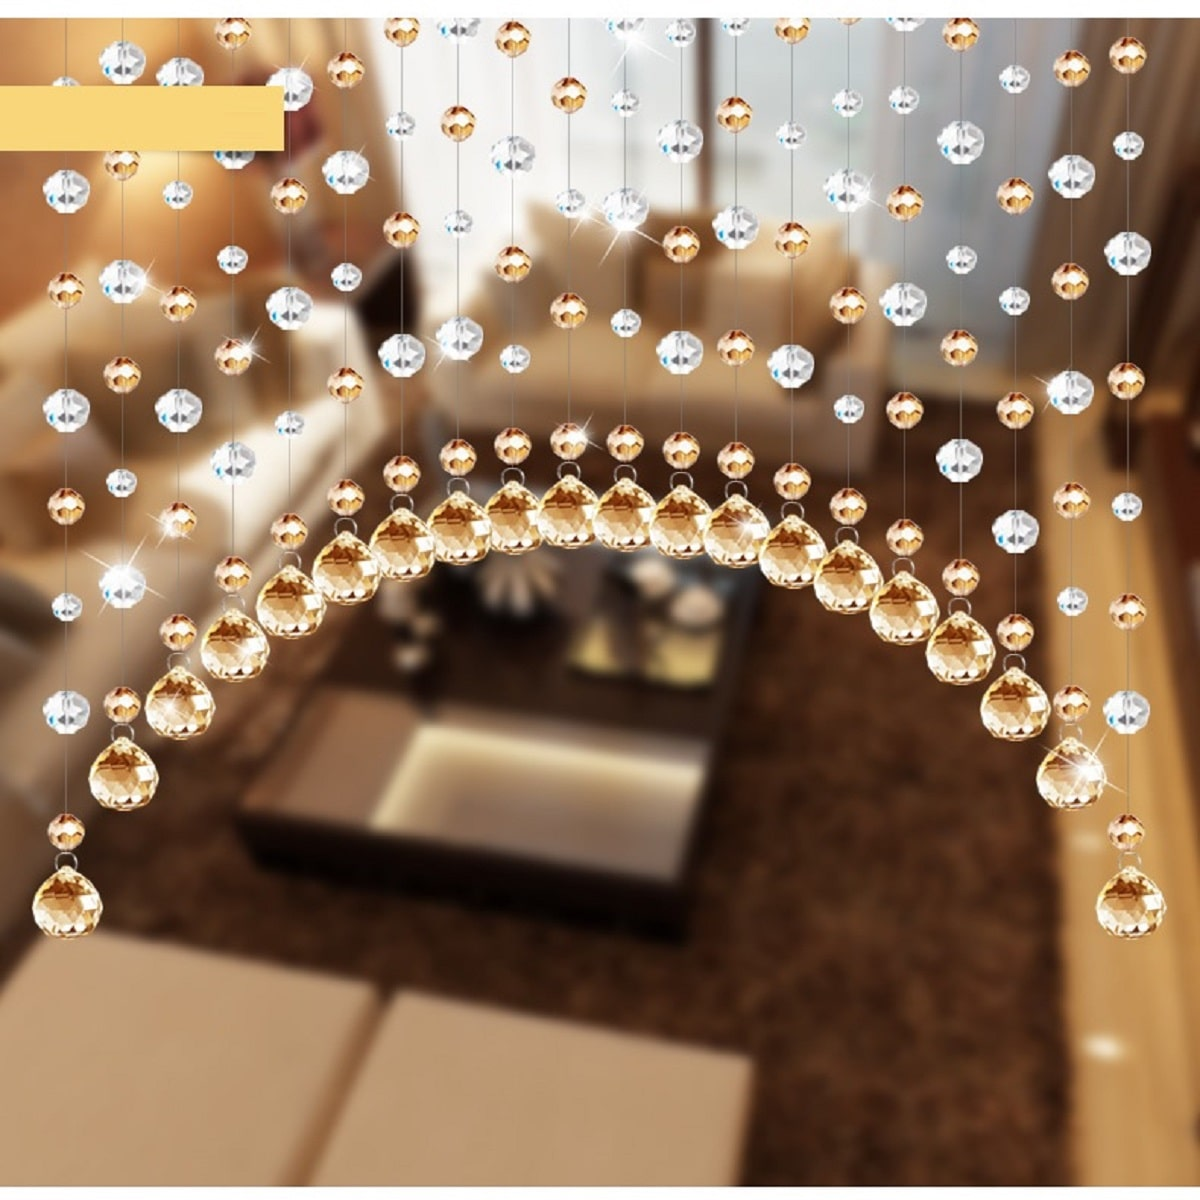 1pc DIY Crystal Bead Curtain